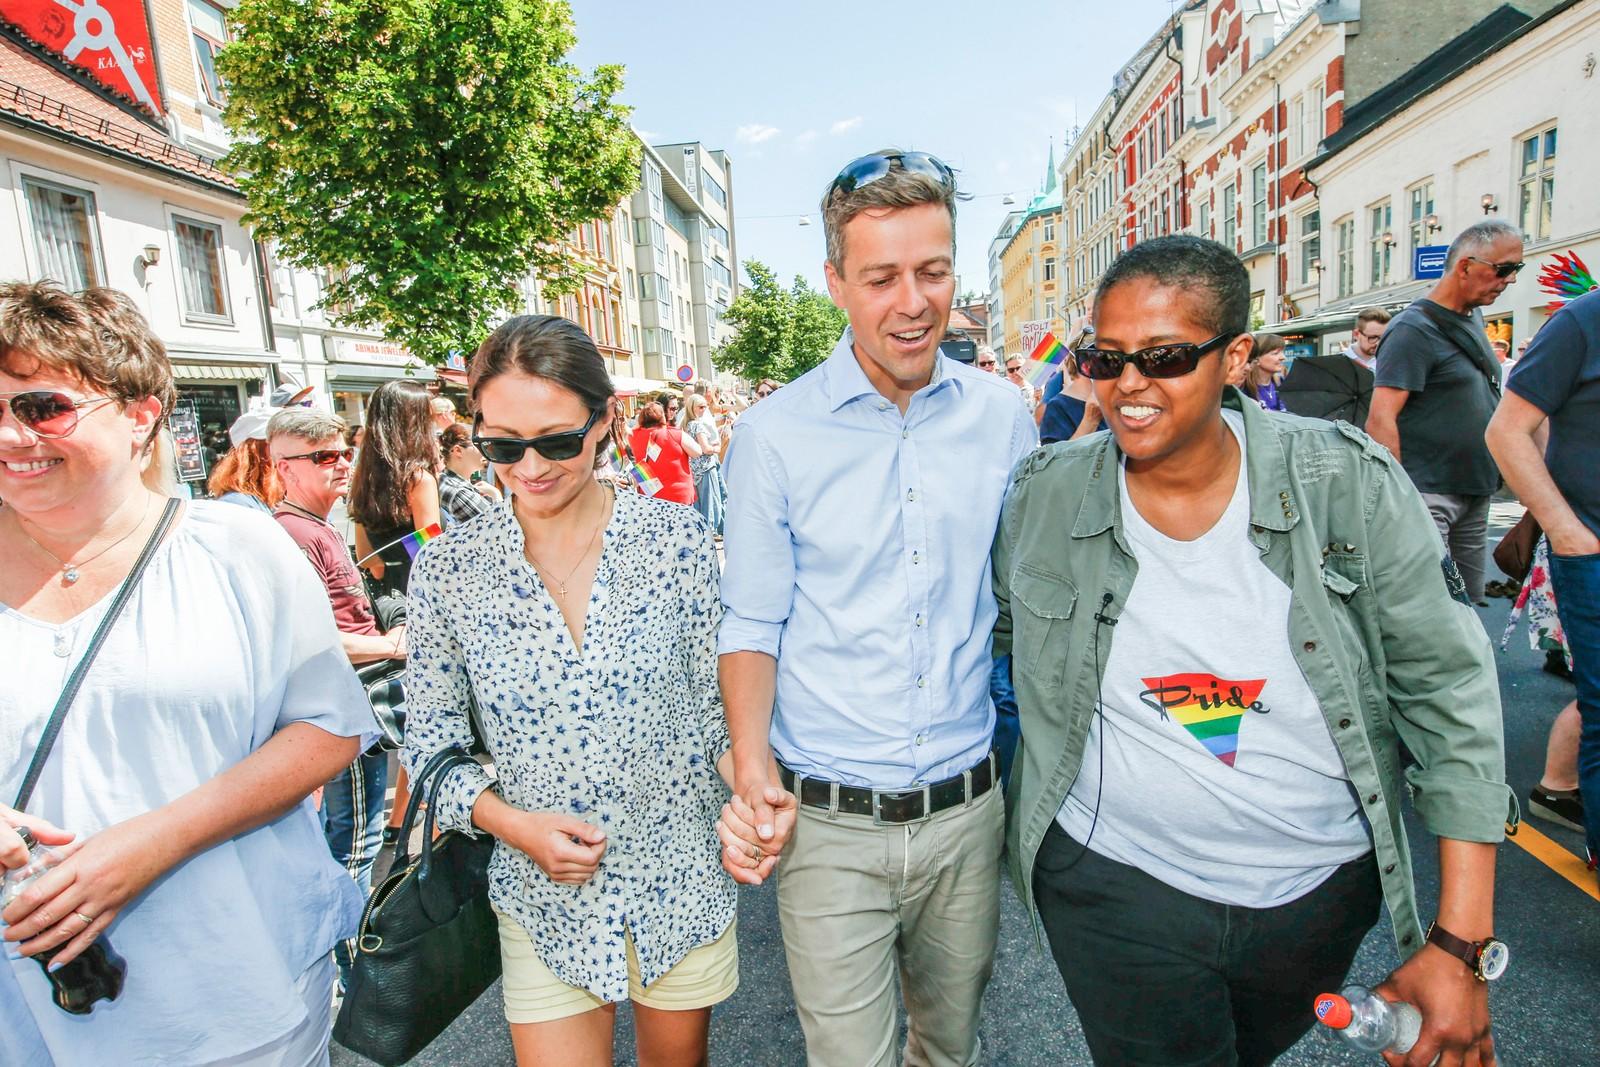 KrF-leder Knut Arild Hareide sammen med kona Lisa (t.v.) og Amal Aden (t.h) deltar under lørdagens Pride-parade gjennom Grønland i Oslo.